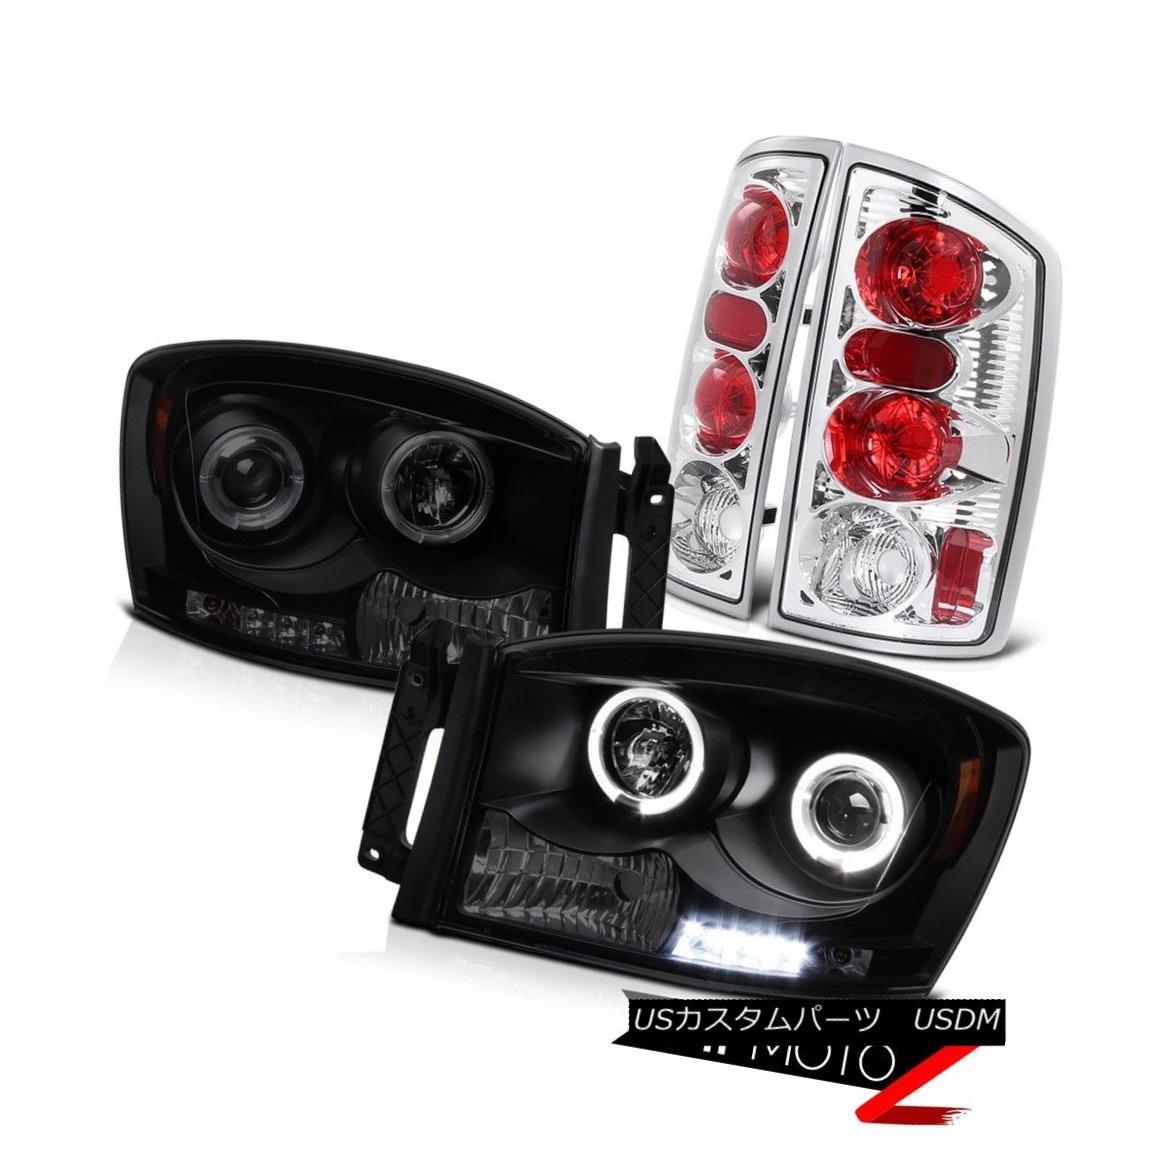 テールライト SINISTER BLACK 2006 Dodge Ram Angel Eye LED Projector Headlight Chrome Taillight SINISTER BLACK 2006ドッジ・ラム・エンジェル・アイLEDプロジェクター・ヘッドライトクローム・ティライト